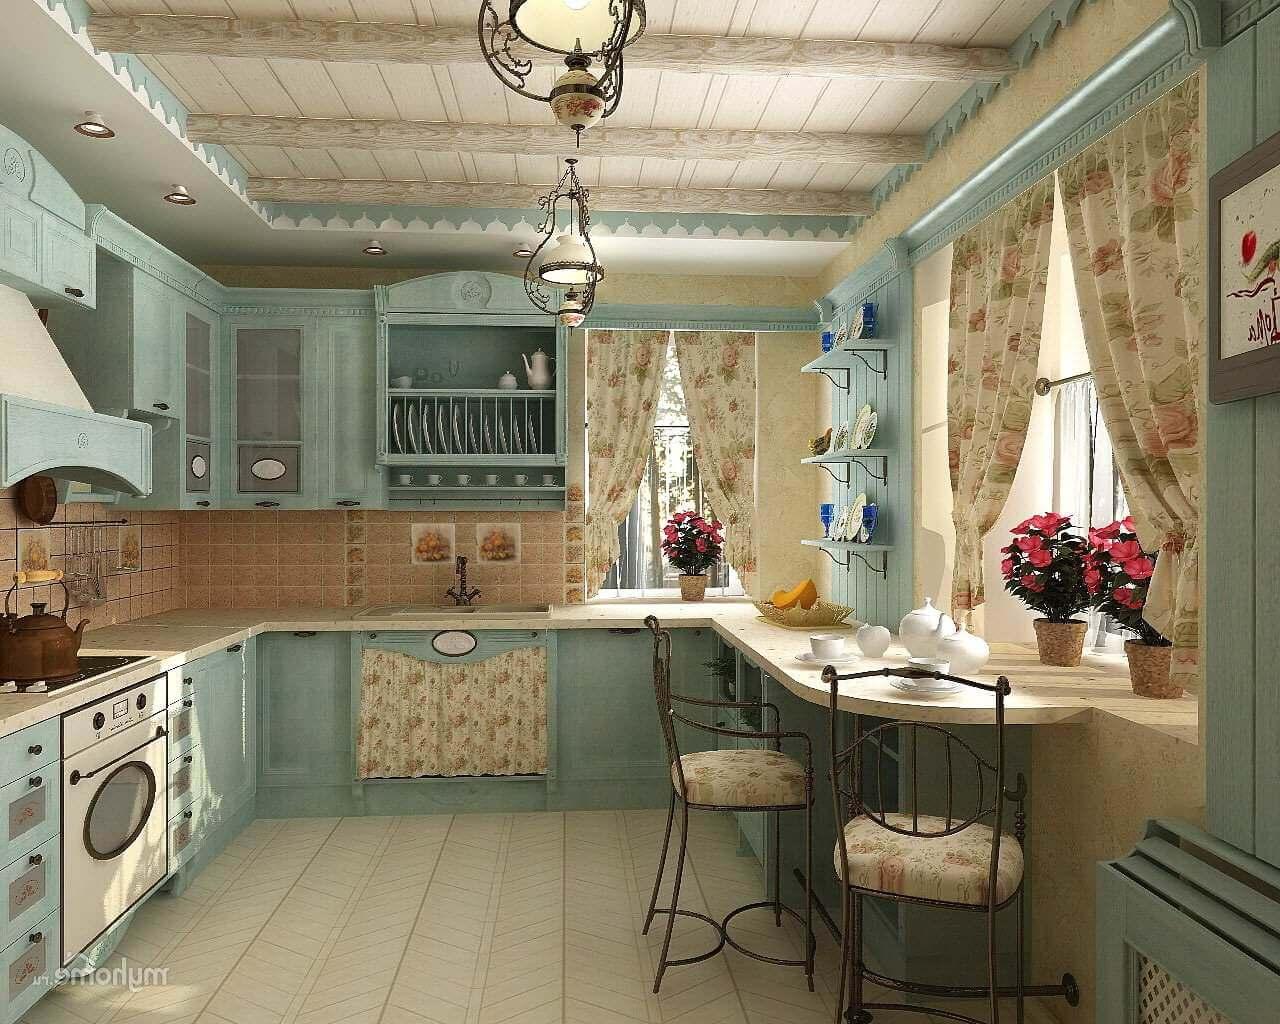 Прованс стиль в интерьере фото кухня